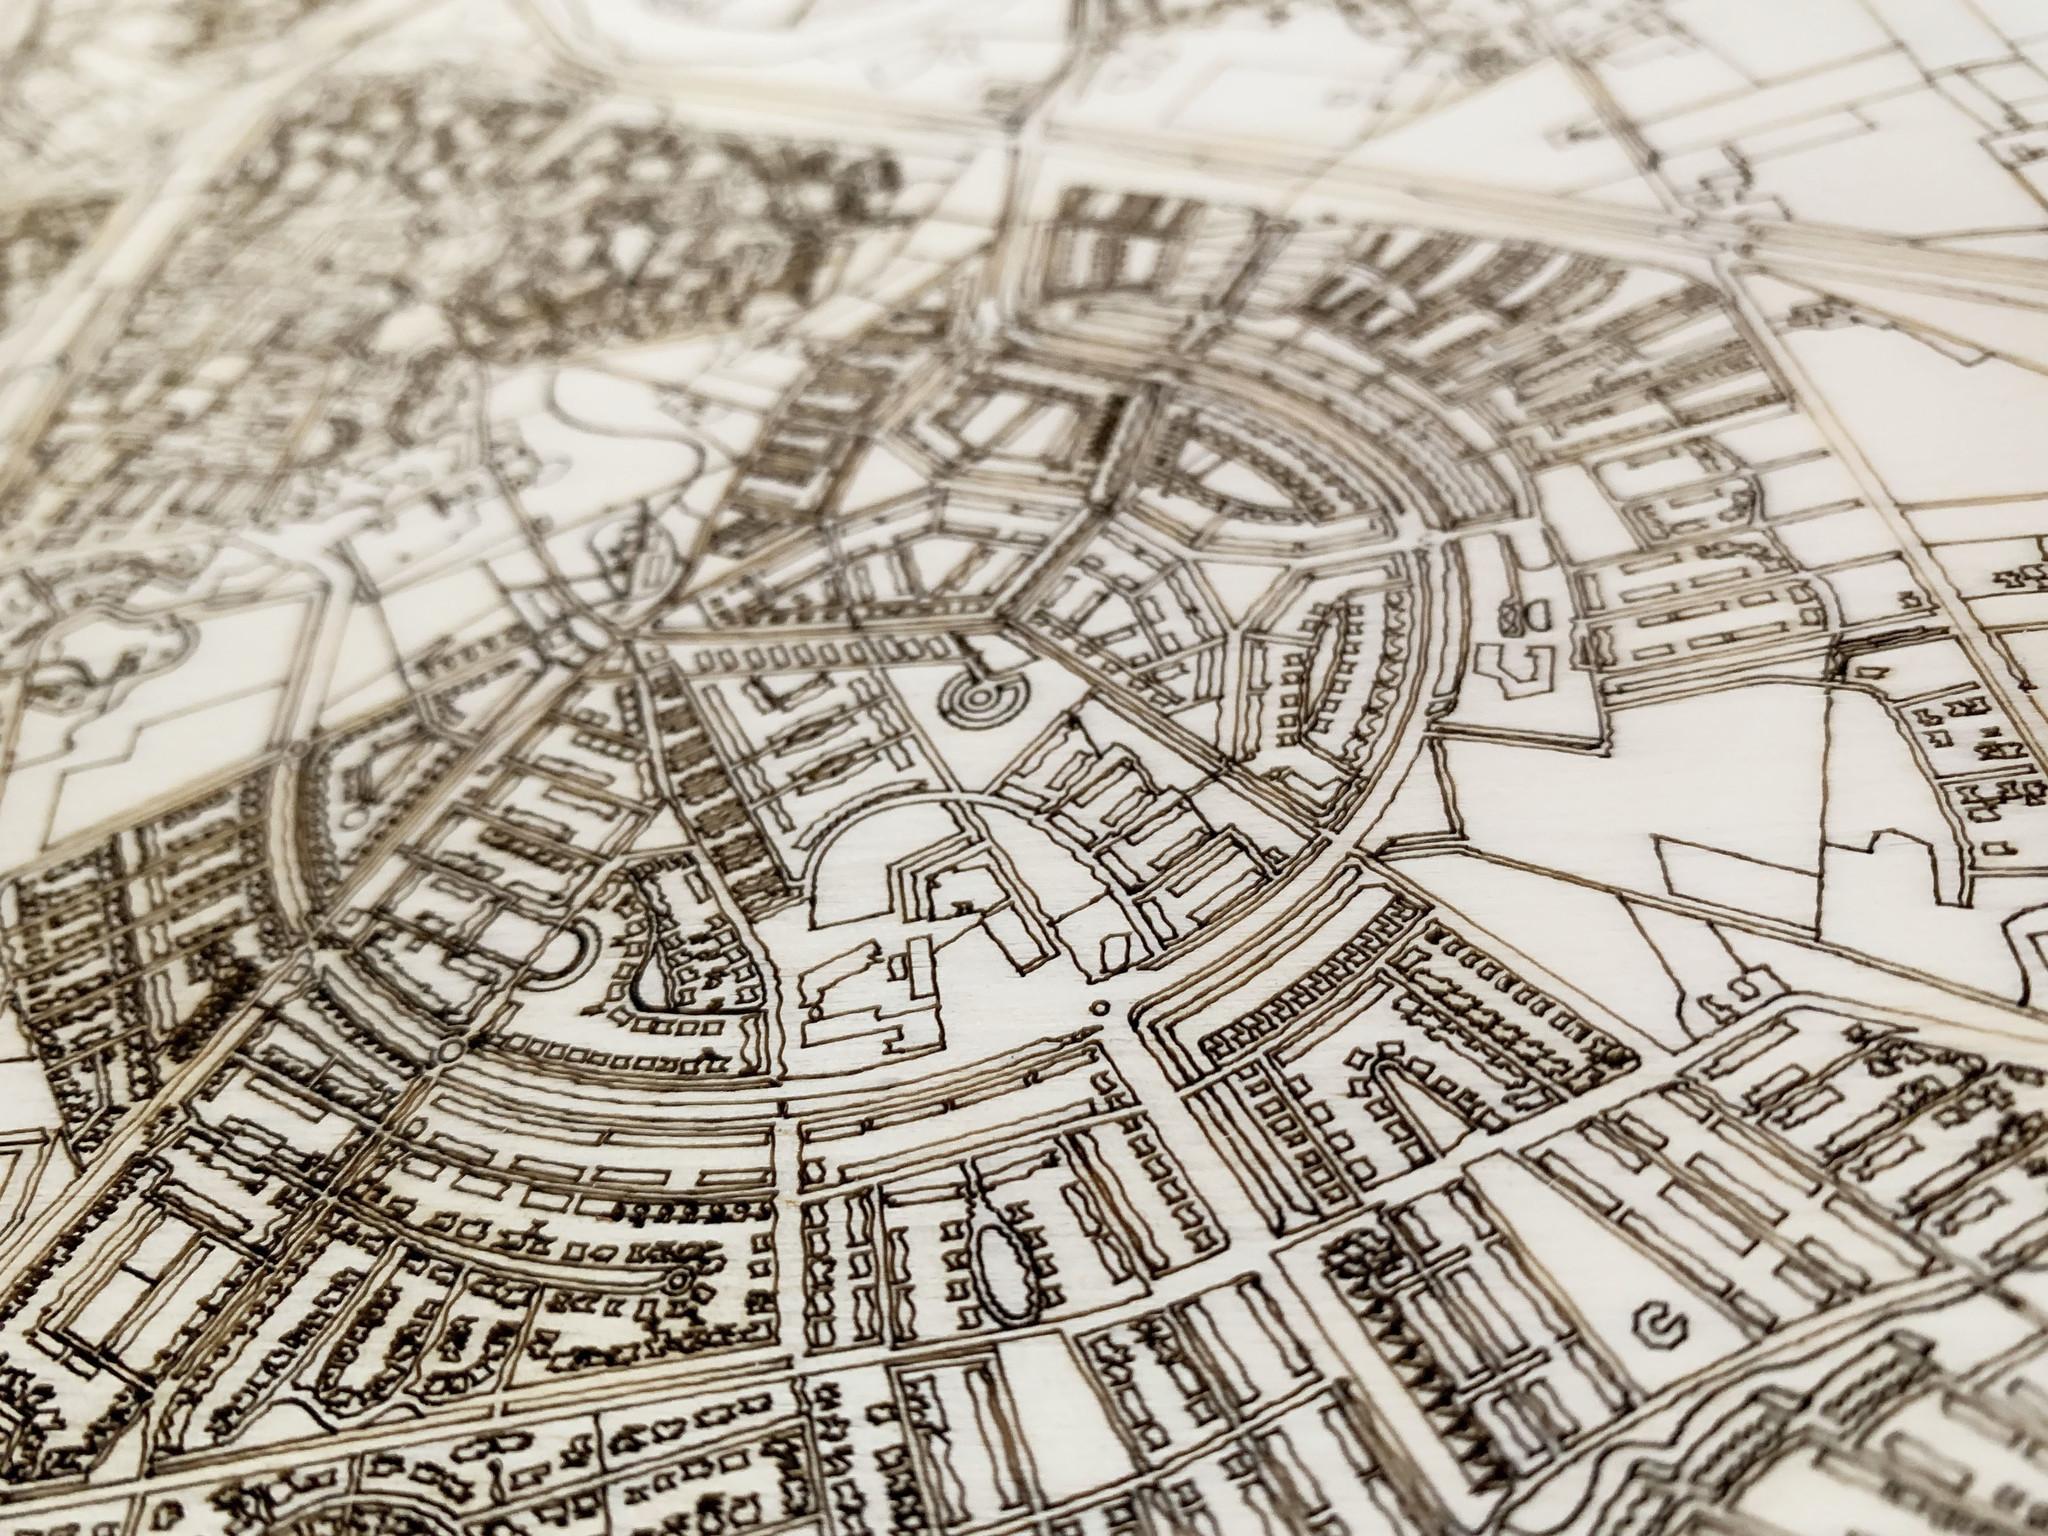 Houten stadsplattegrond Poznań-3